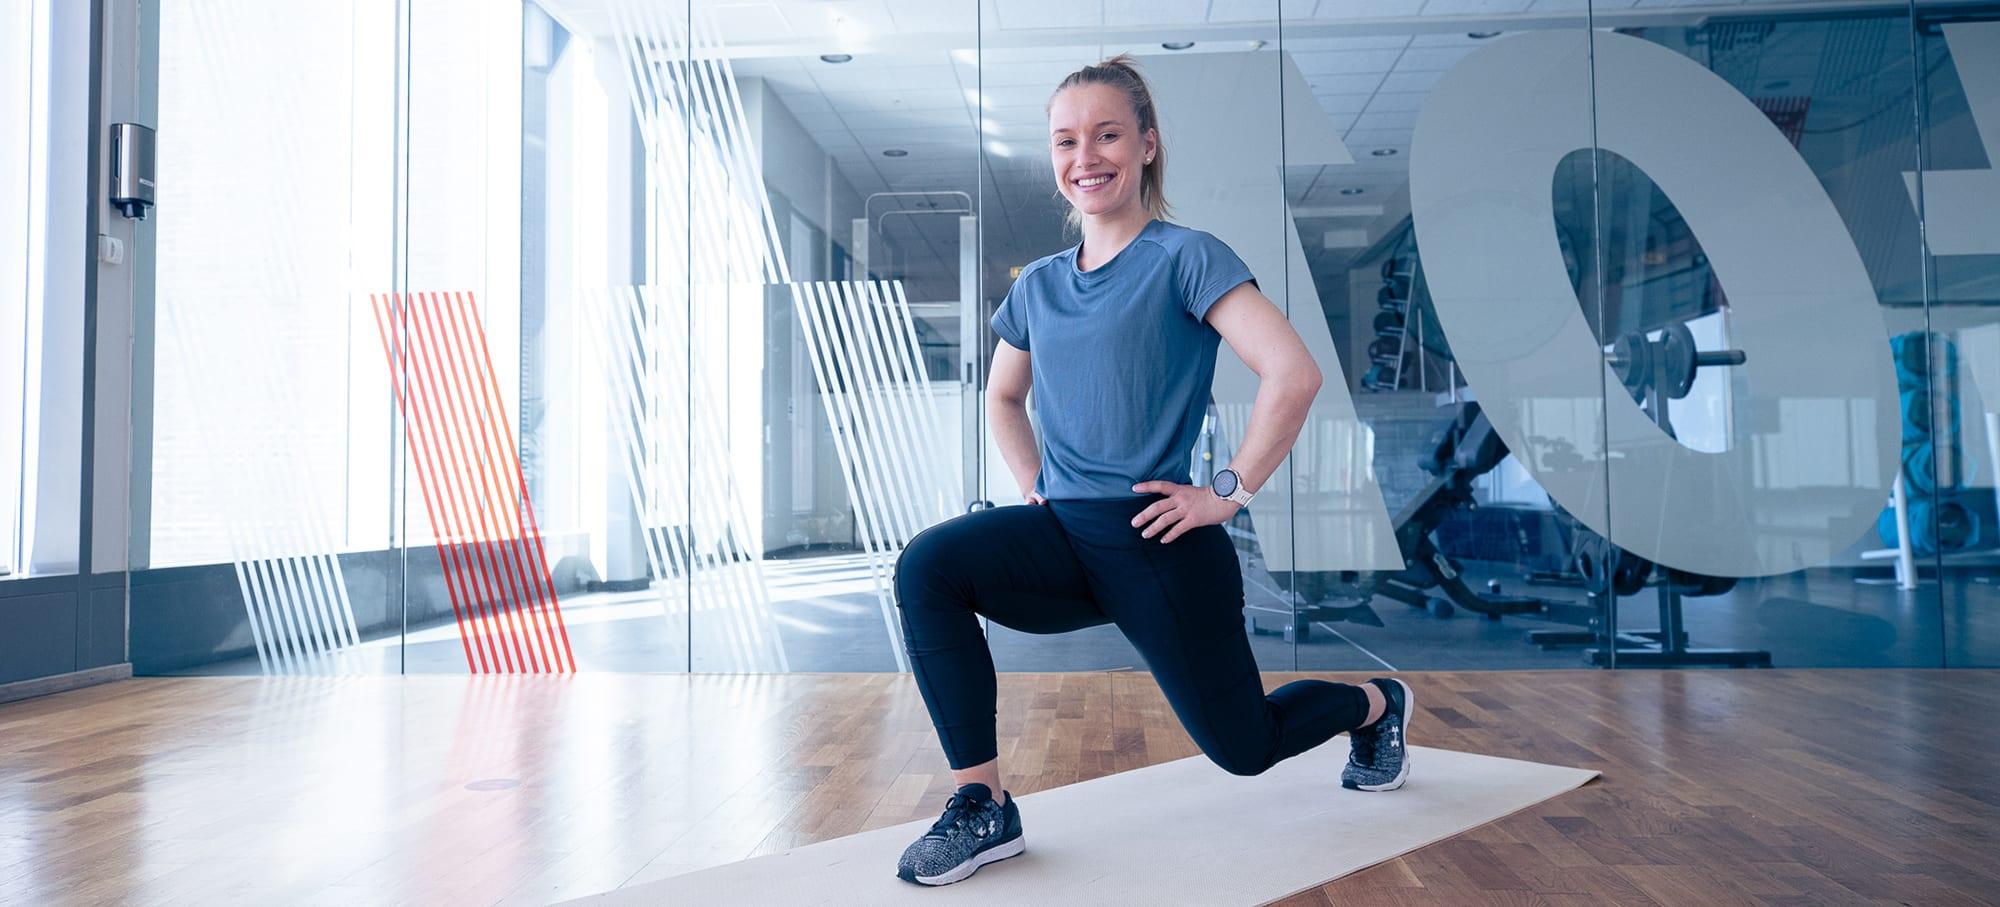 Styrketræning har sundhedsmæssige fordele